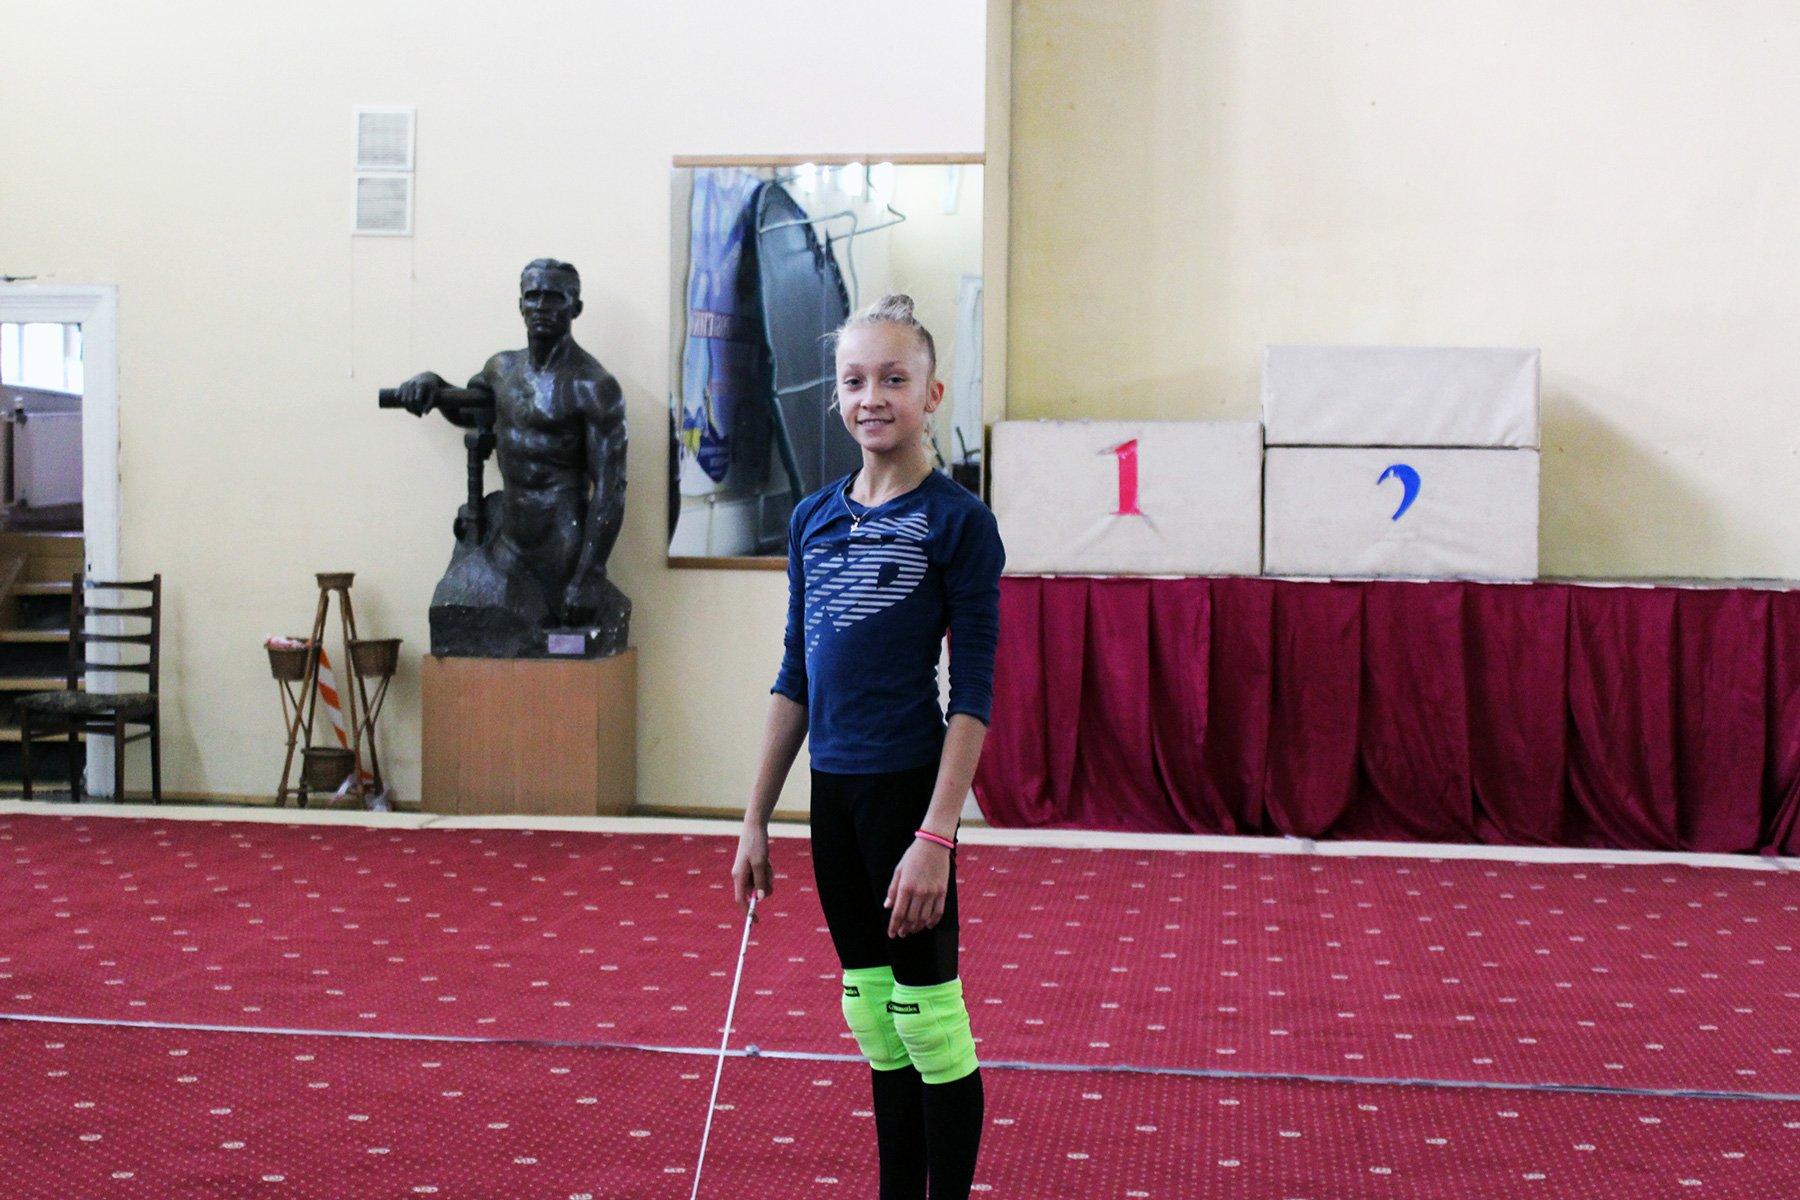 Христина Погранична — срібна чемпіонка з художньої гімнастики на ІІІ-х літніх Юнацьких Олімпійських іграх, абсолютна переможниця Всесвітньої Гімназіади у Марокко, двічі — чемпіонка України